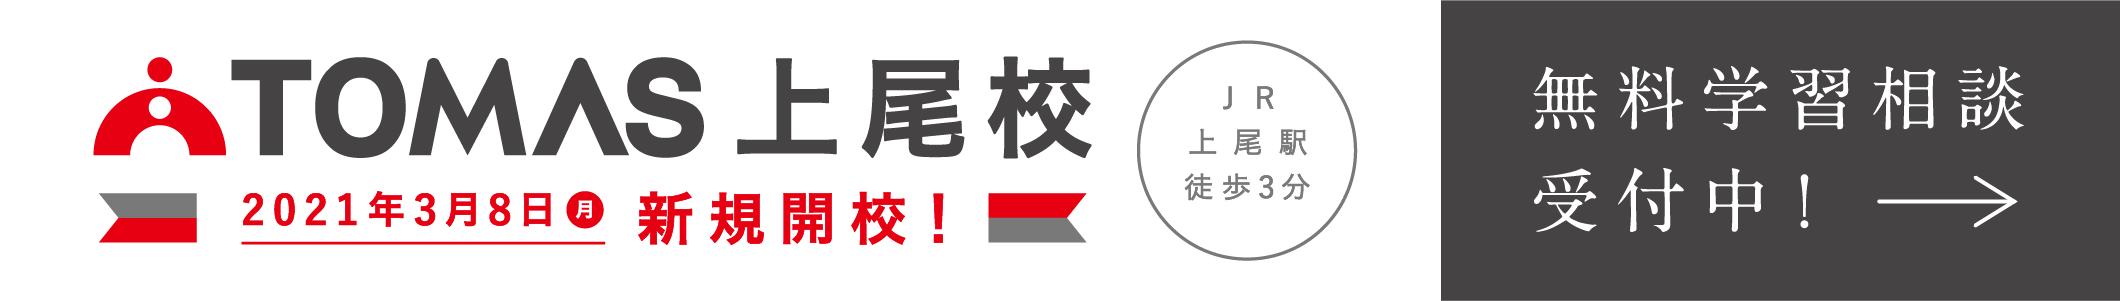 TOMAS上尾校舎リニューアルオープン